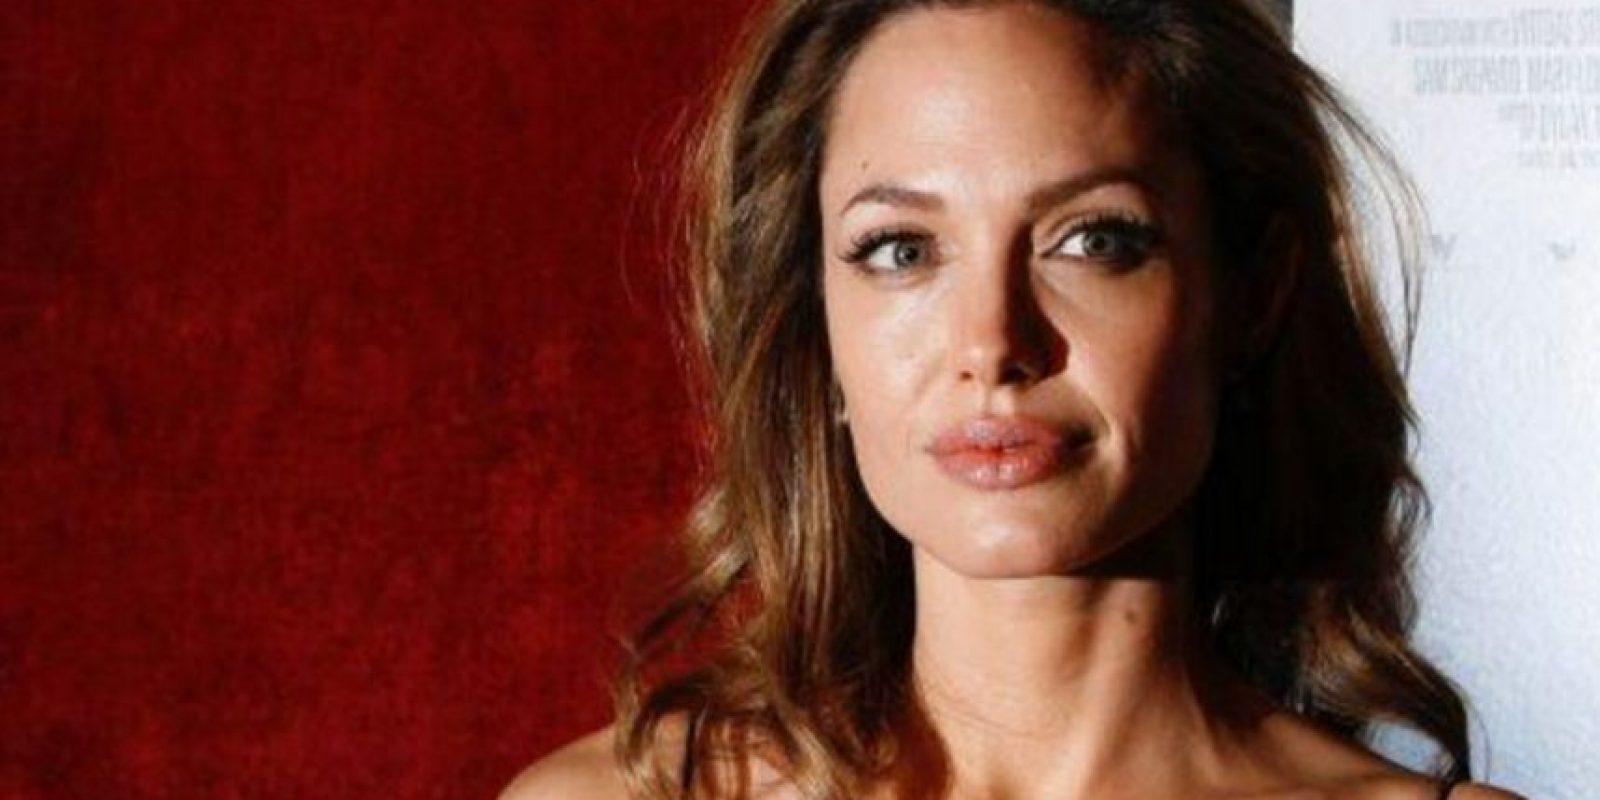 La actriz será una de las profesoras invitadas en el nuevo curso de maestría sobre la mujer, paz y seguridad.. Imagen Por: